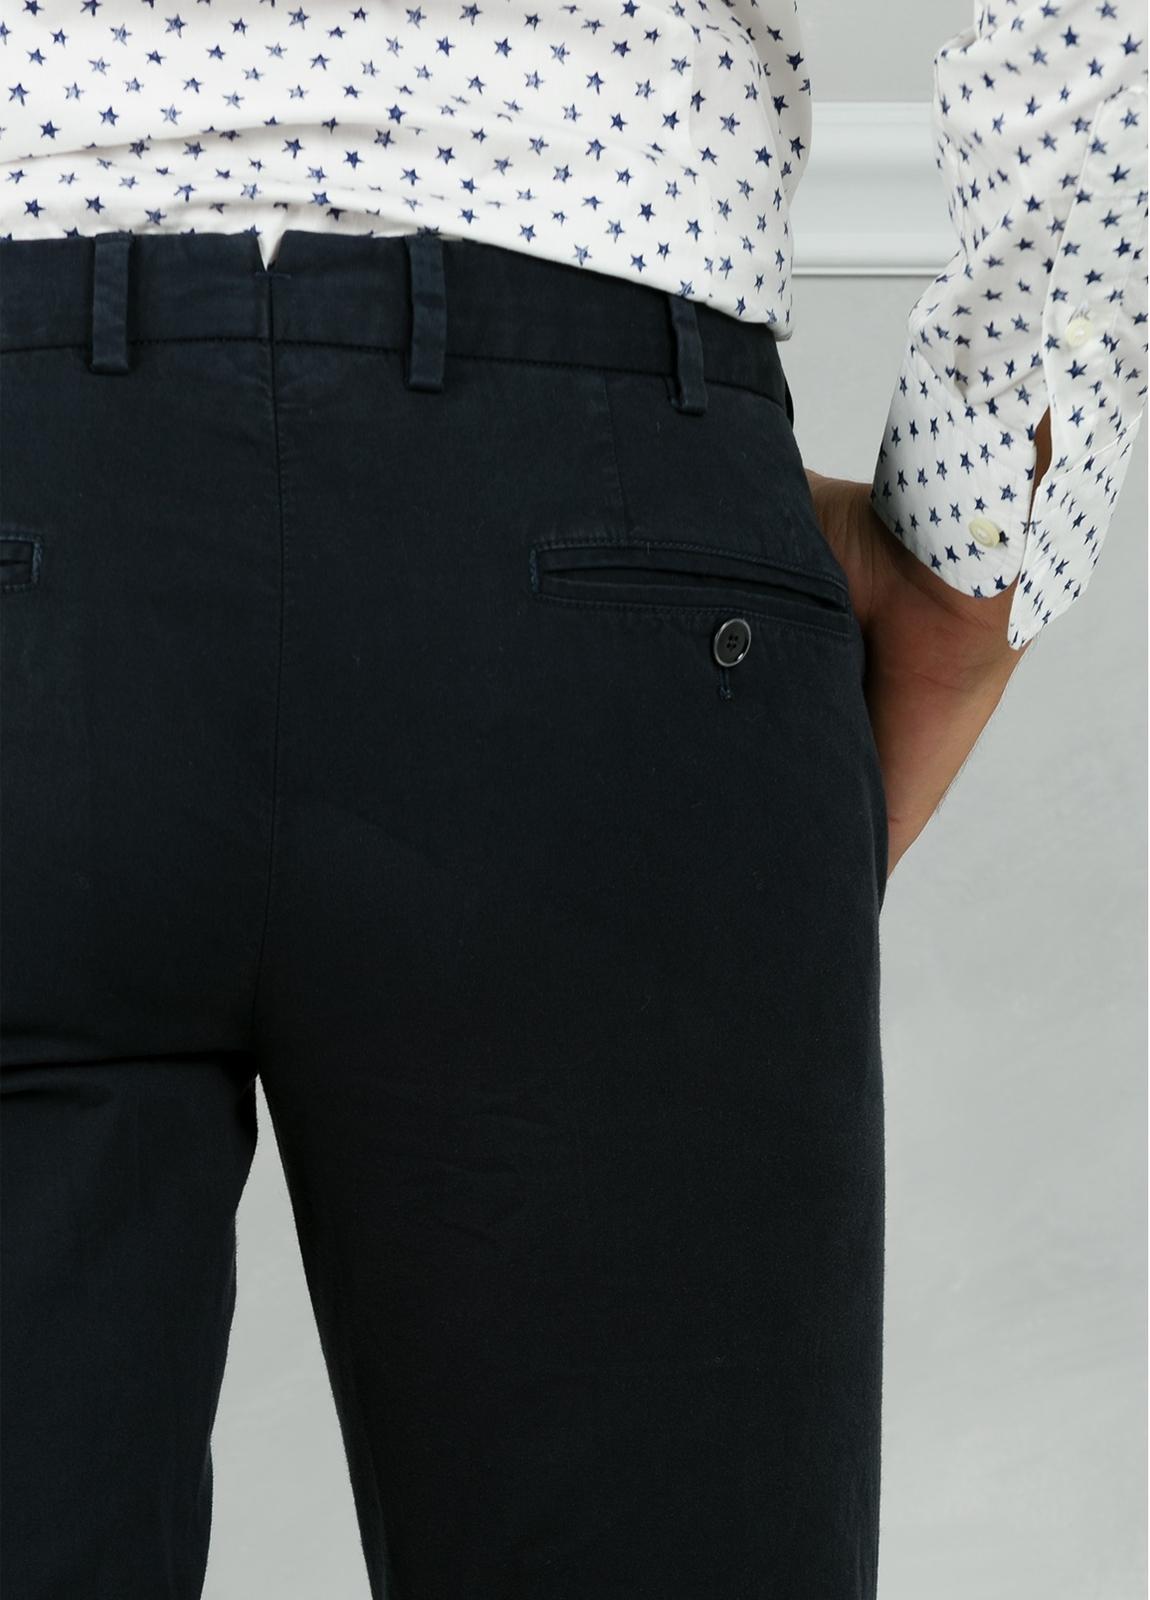 Pantalón chino modelo SANTA color azul marino. 98% Algodón 2% Elastán. - Ítem2